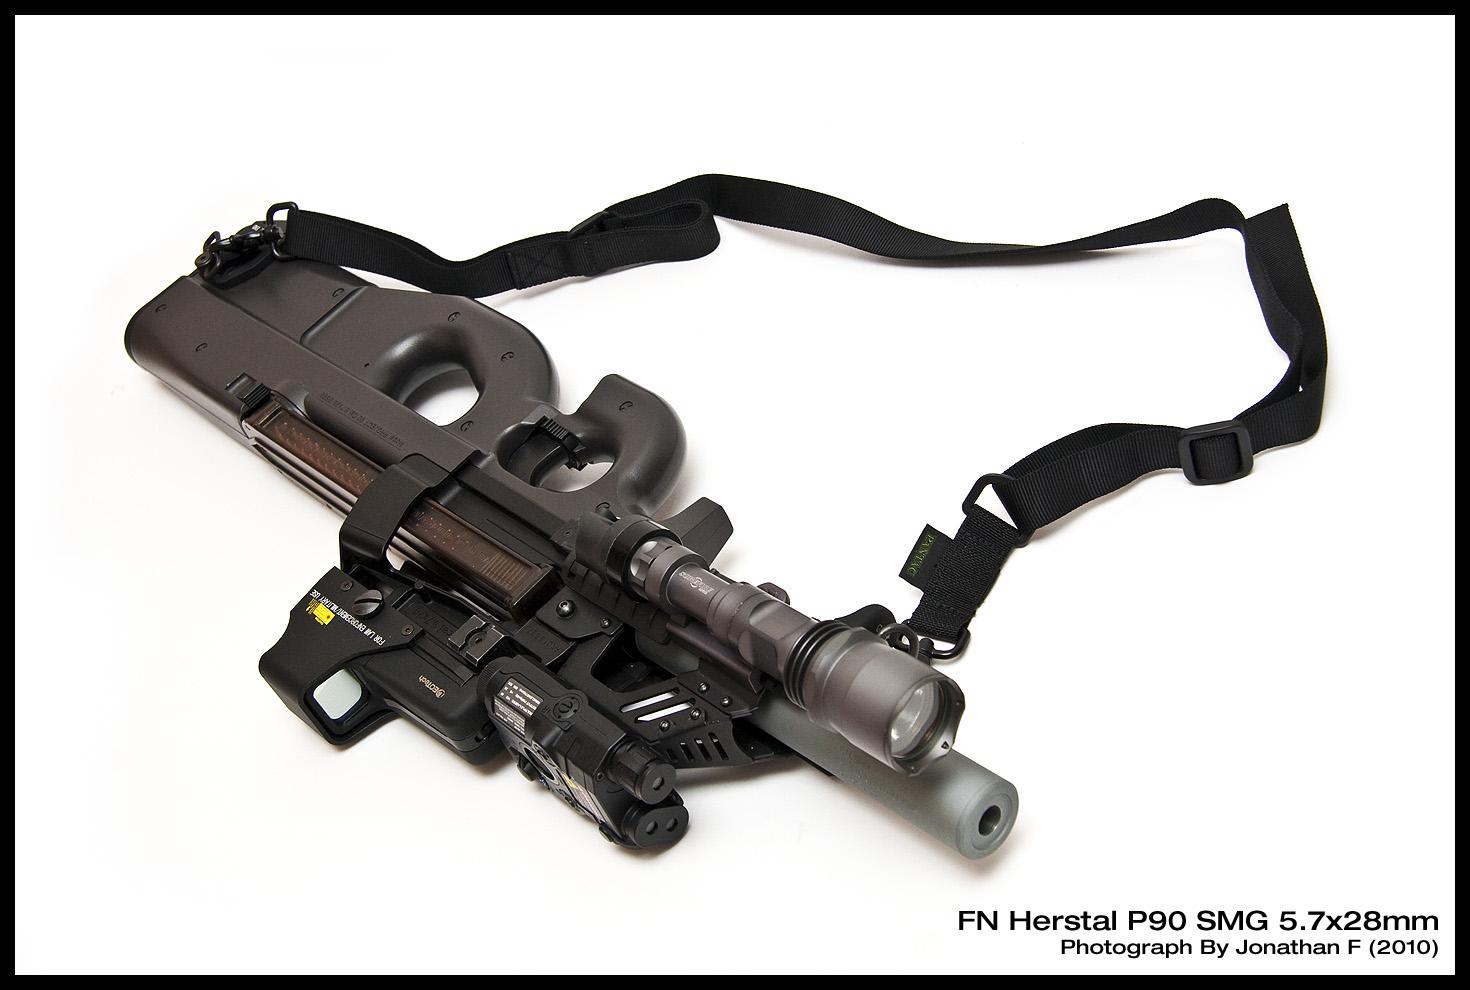 Le P90 1440_FNP90-04